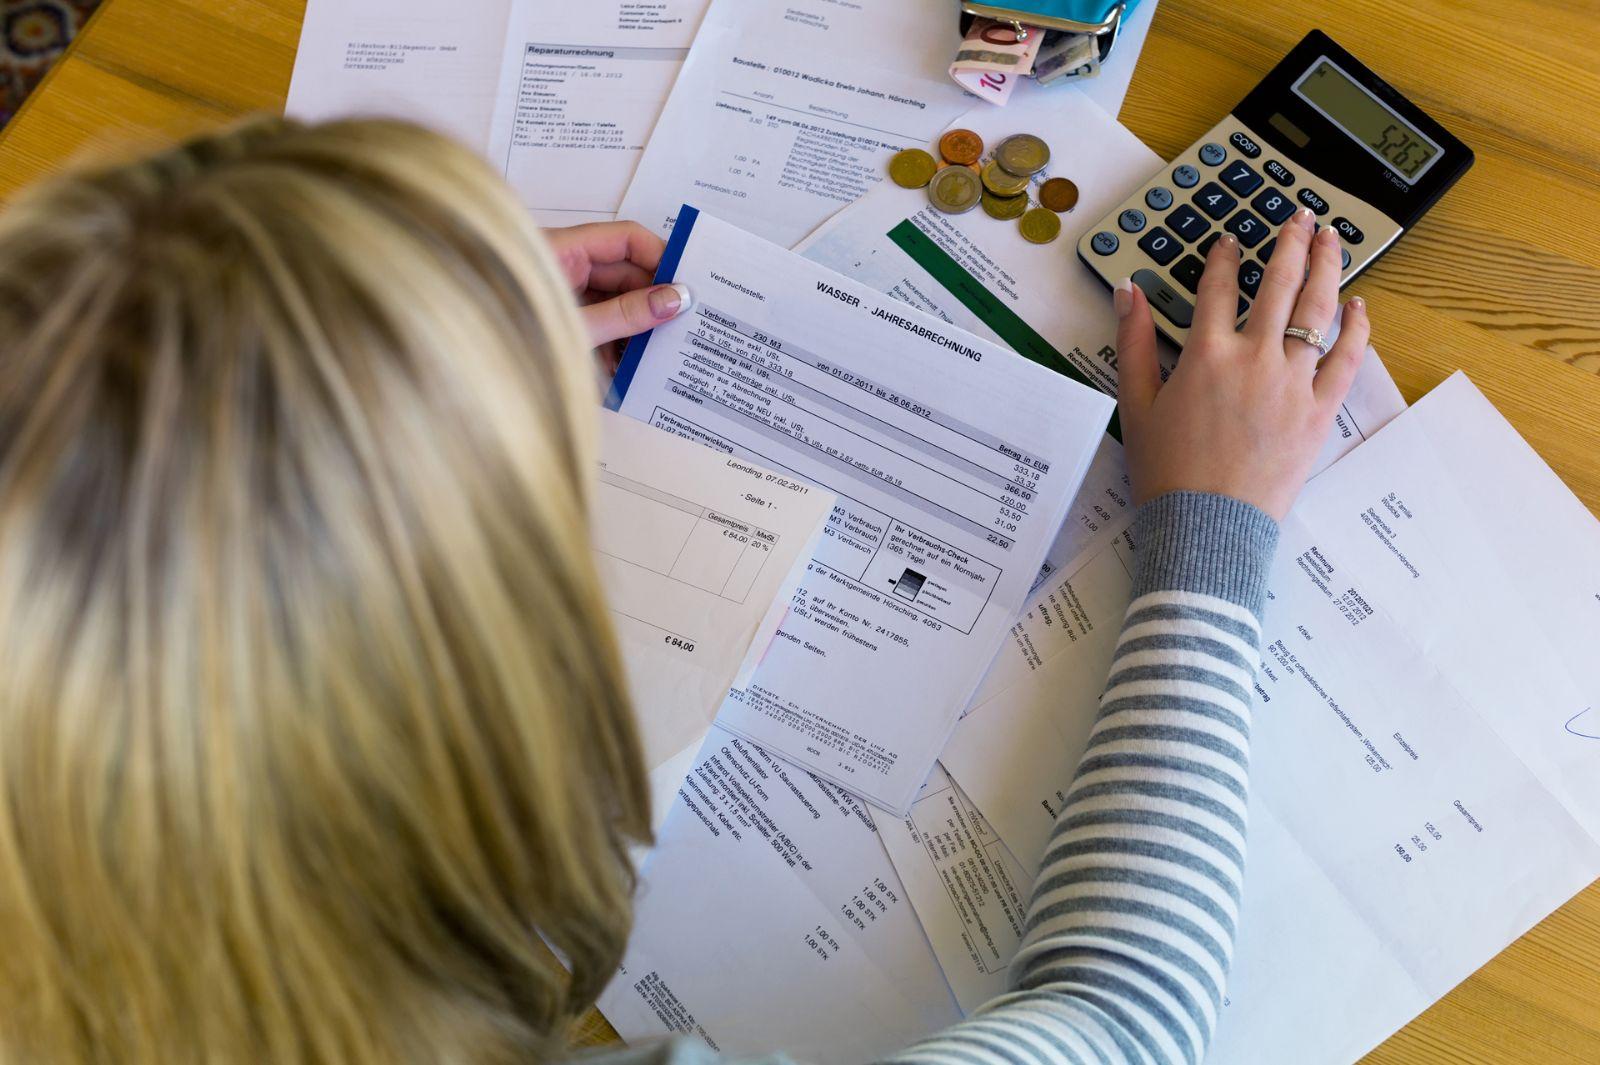 Op zoek naar een administrateur in de regio van Zoetermeer? Ga een succesvolle samenwerking aan met HEJO Advies en Administratie